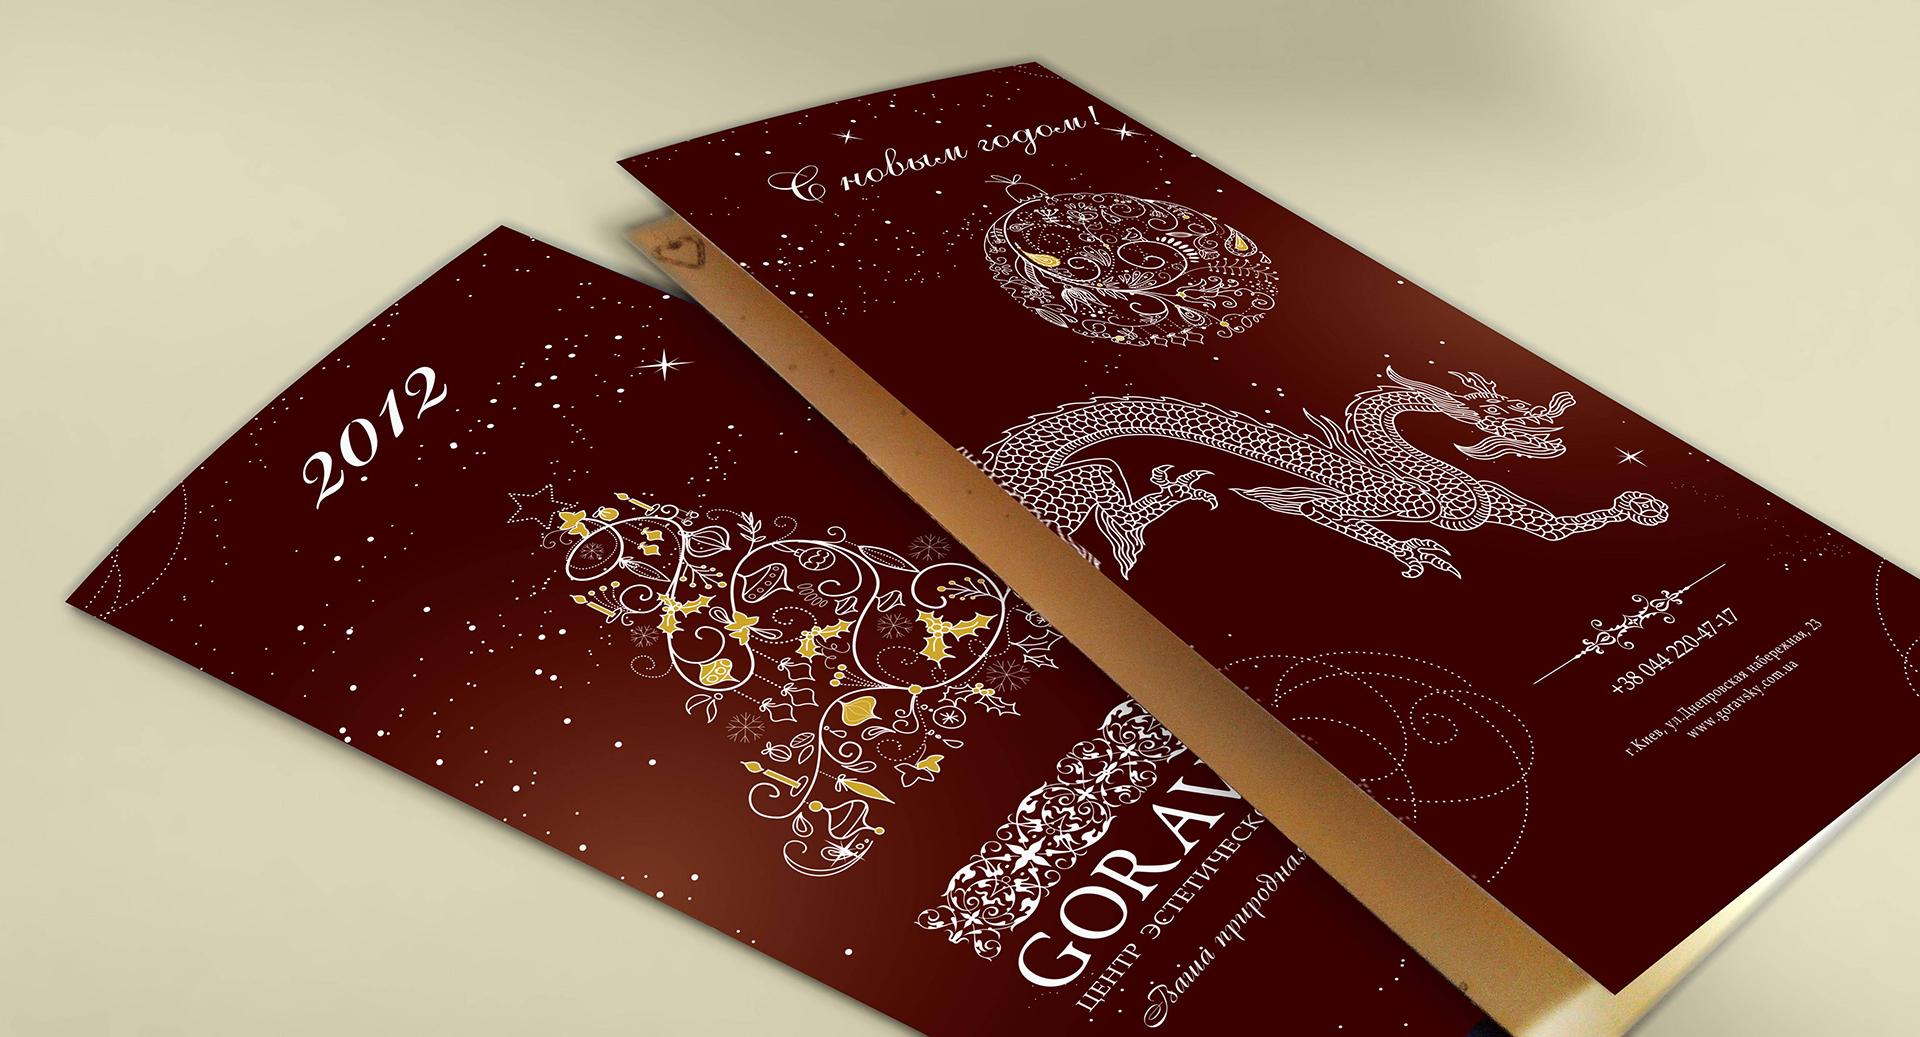 Открытка для центра эстетической медицины, Aesthetic medical center postcard design